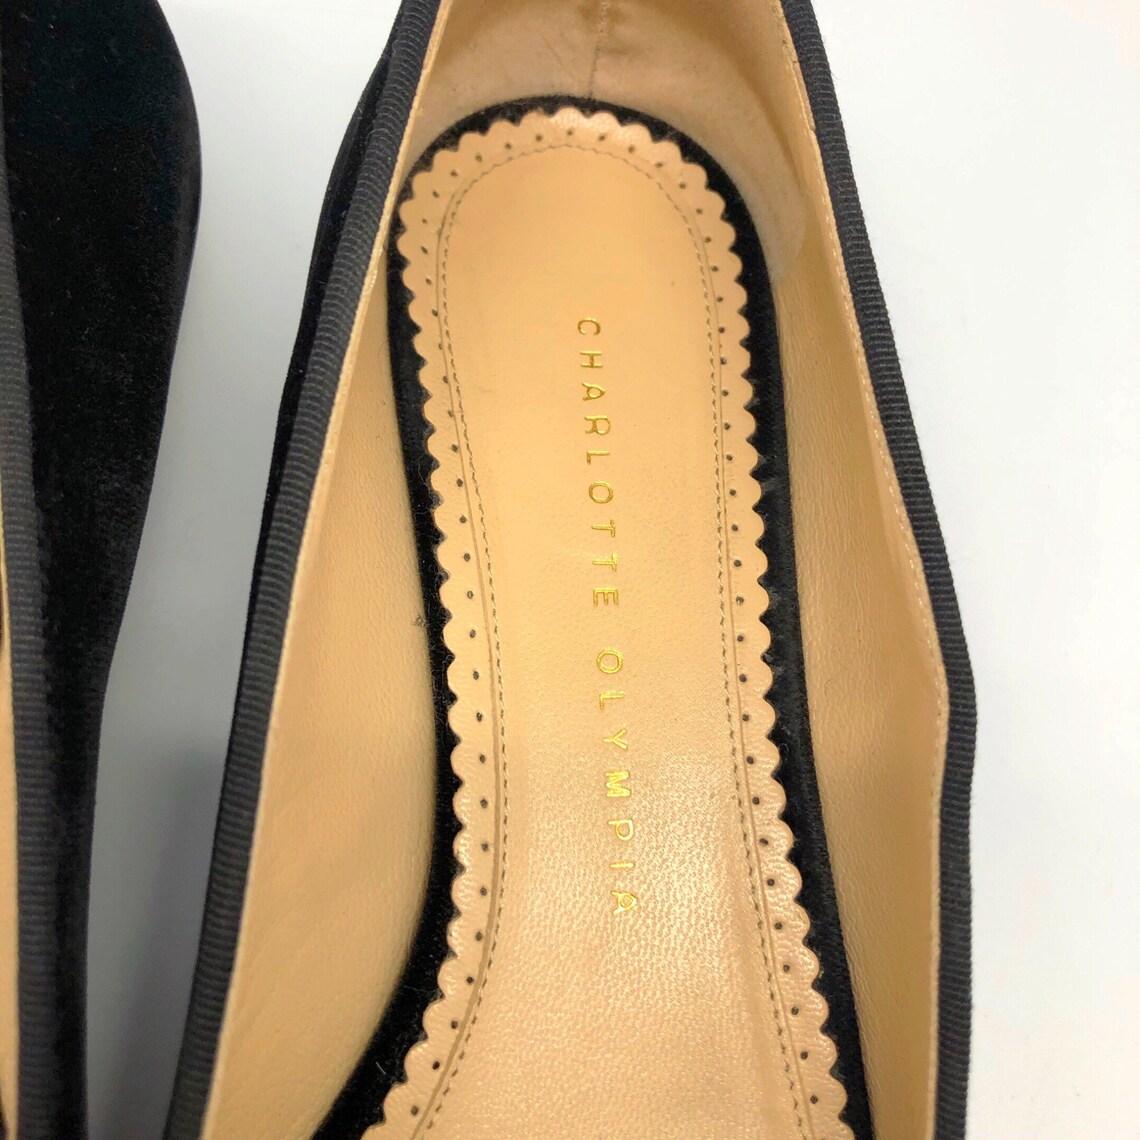 CHARLOTTE OLYMPIA S:7.5 38 in velluto nero alato rotondo novità oro ragnatela appartamenti ricamati - Scarpe alla moda aFsGZE45 ojtmmT iXuoca